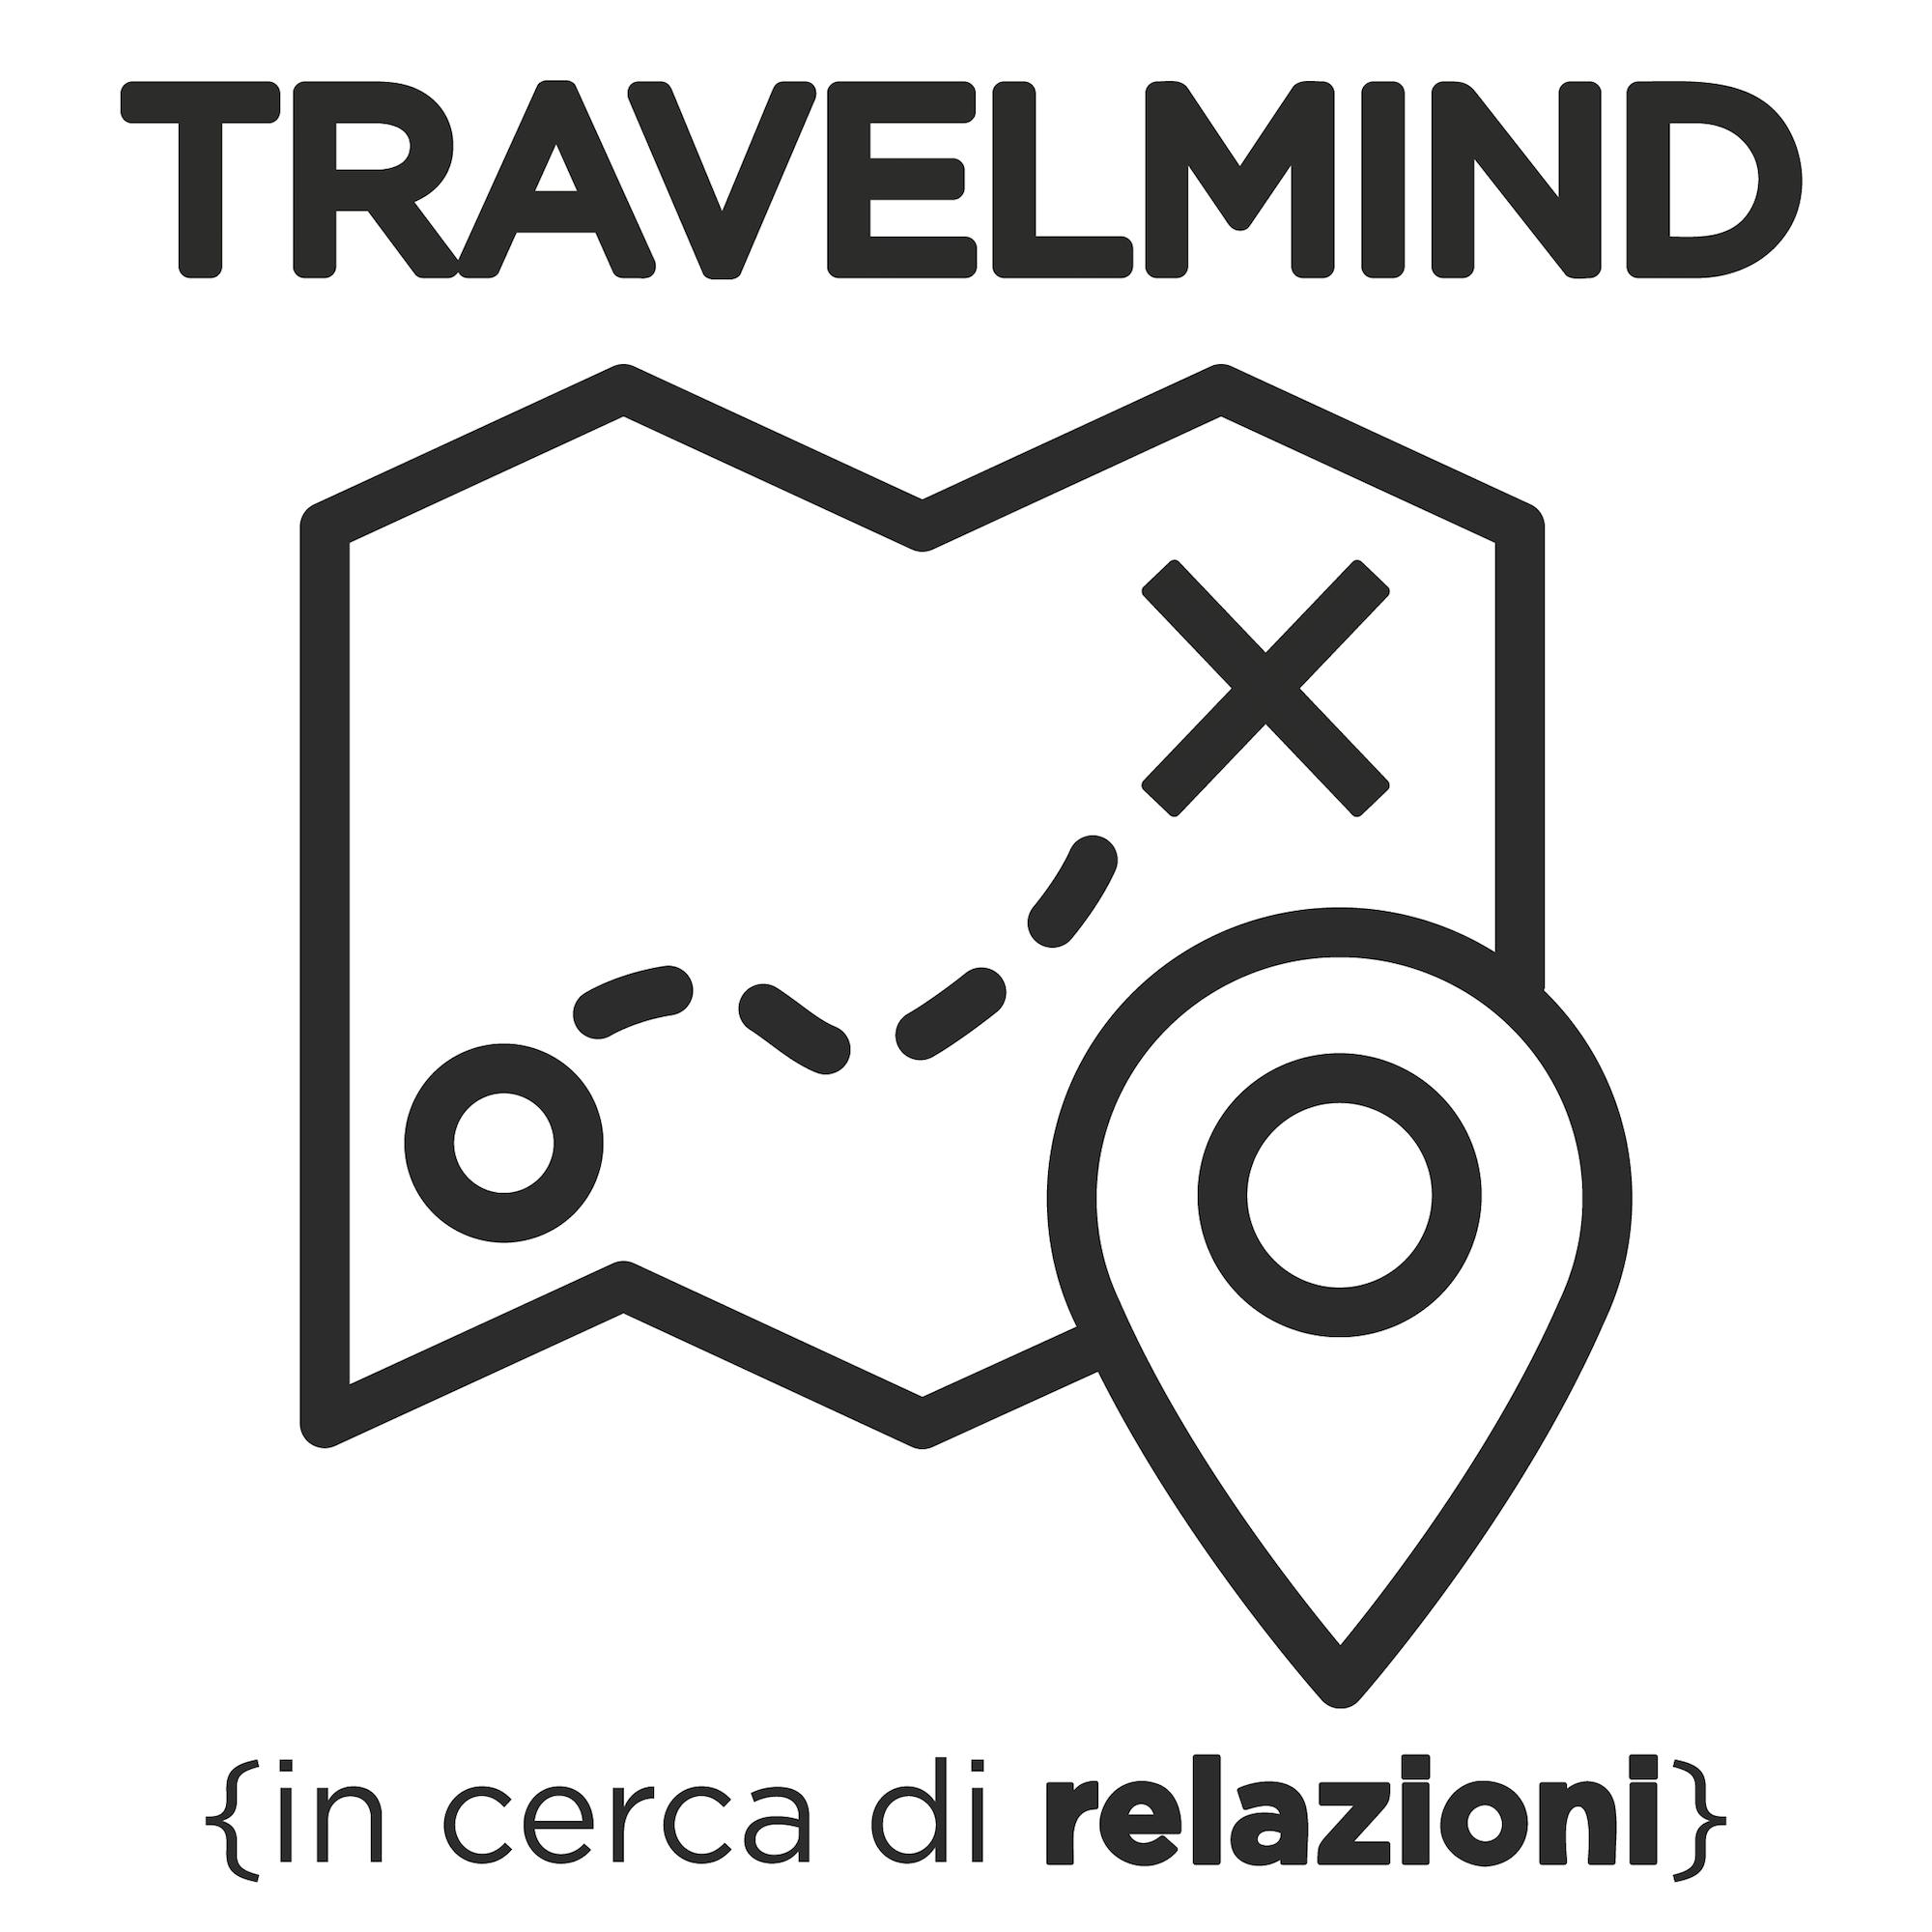 Travel Mind, siamo partiti